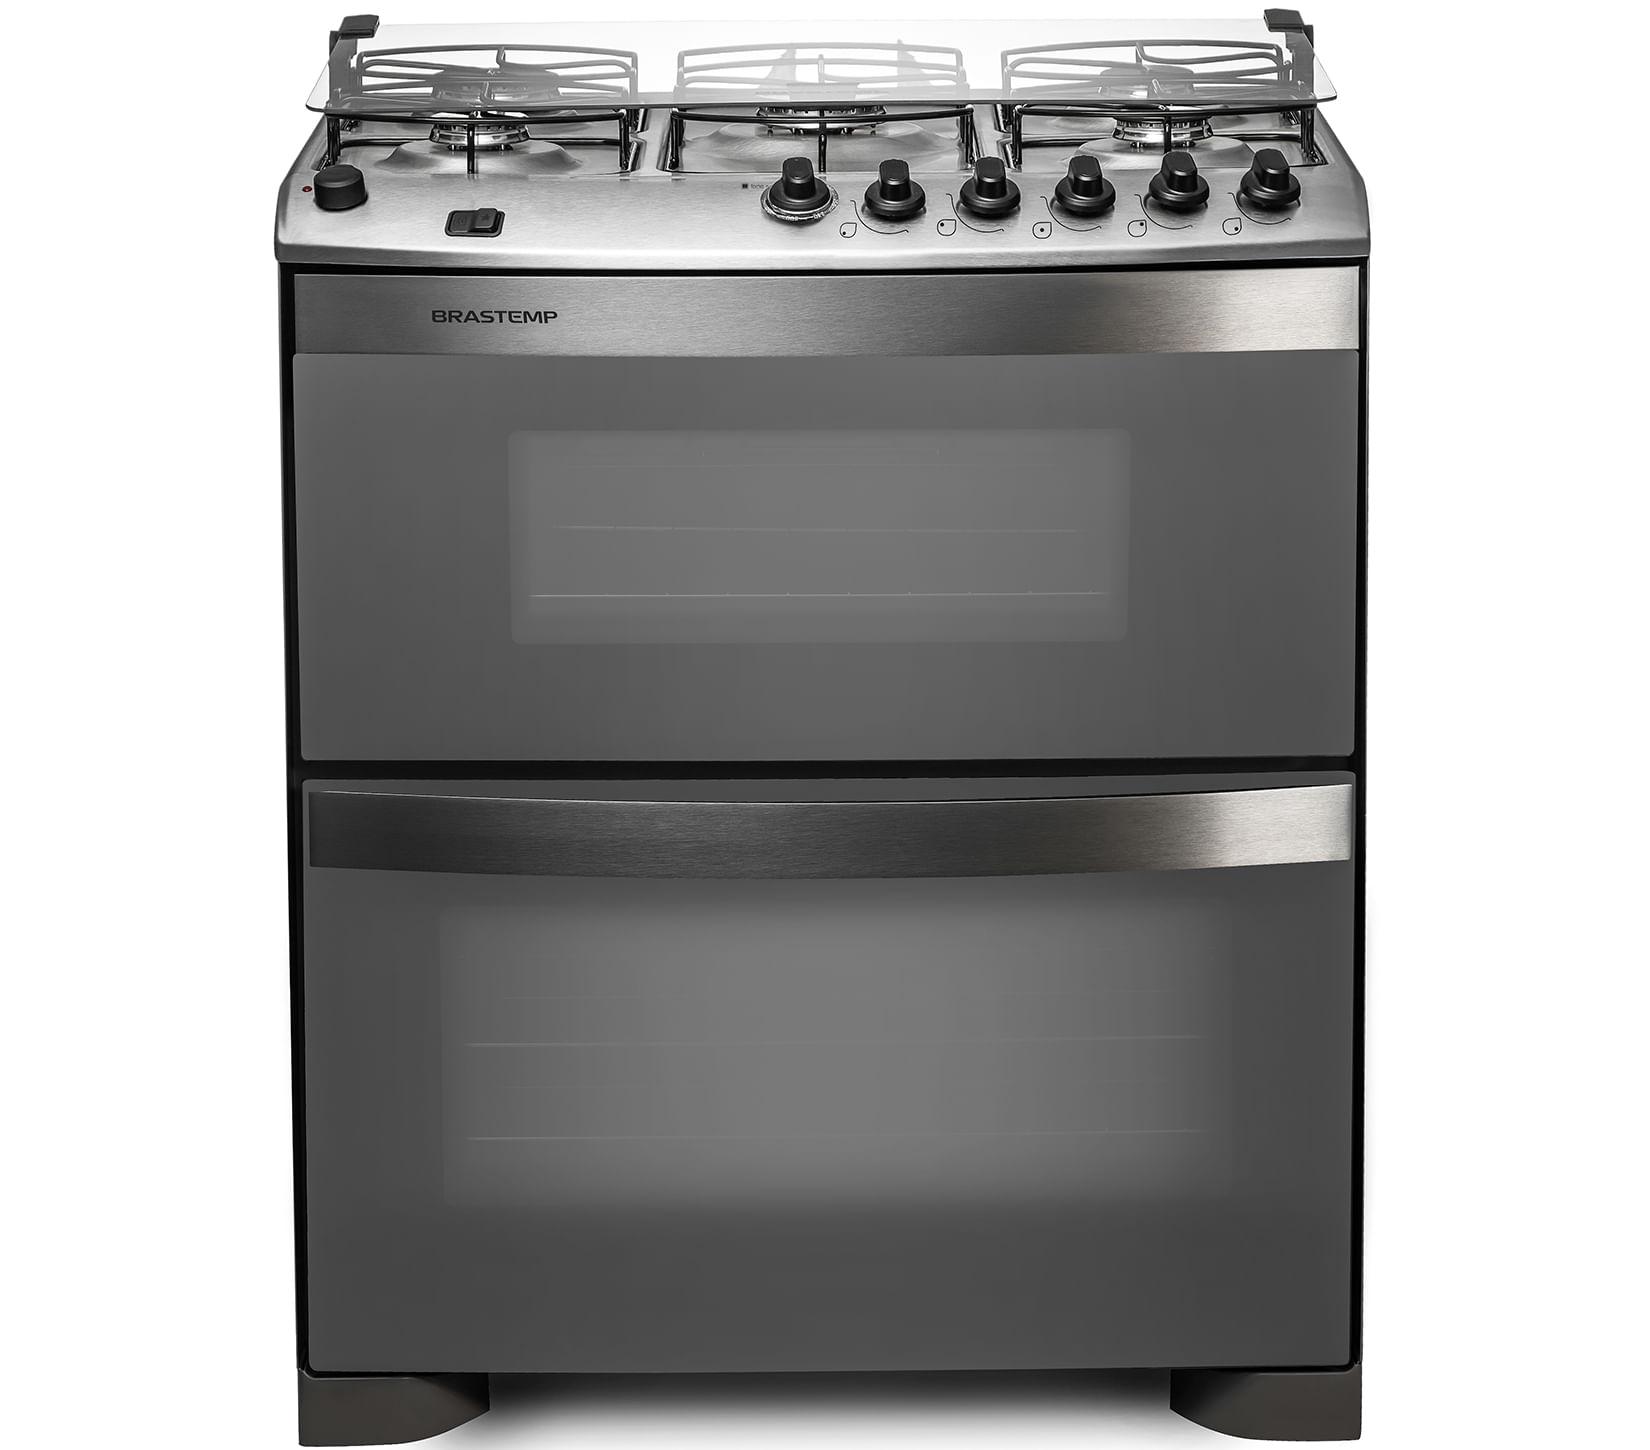 Fogão Brastemp 5 bocas duplo forno cor Inox com acendimento automático